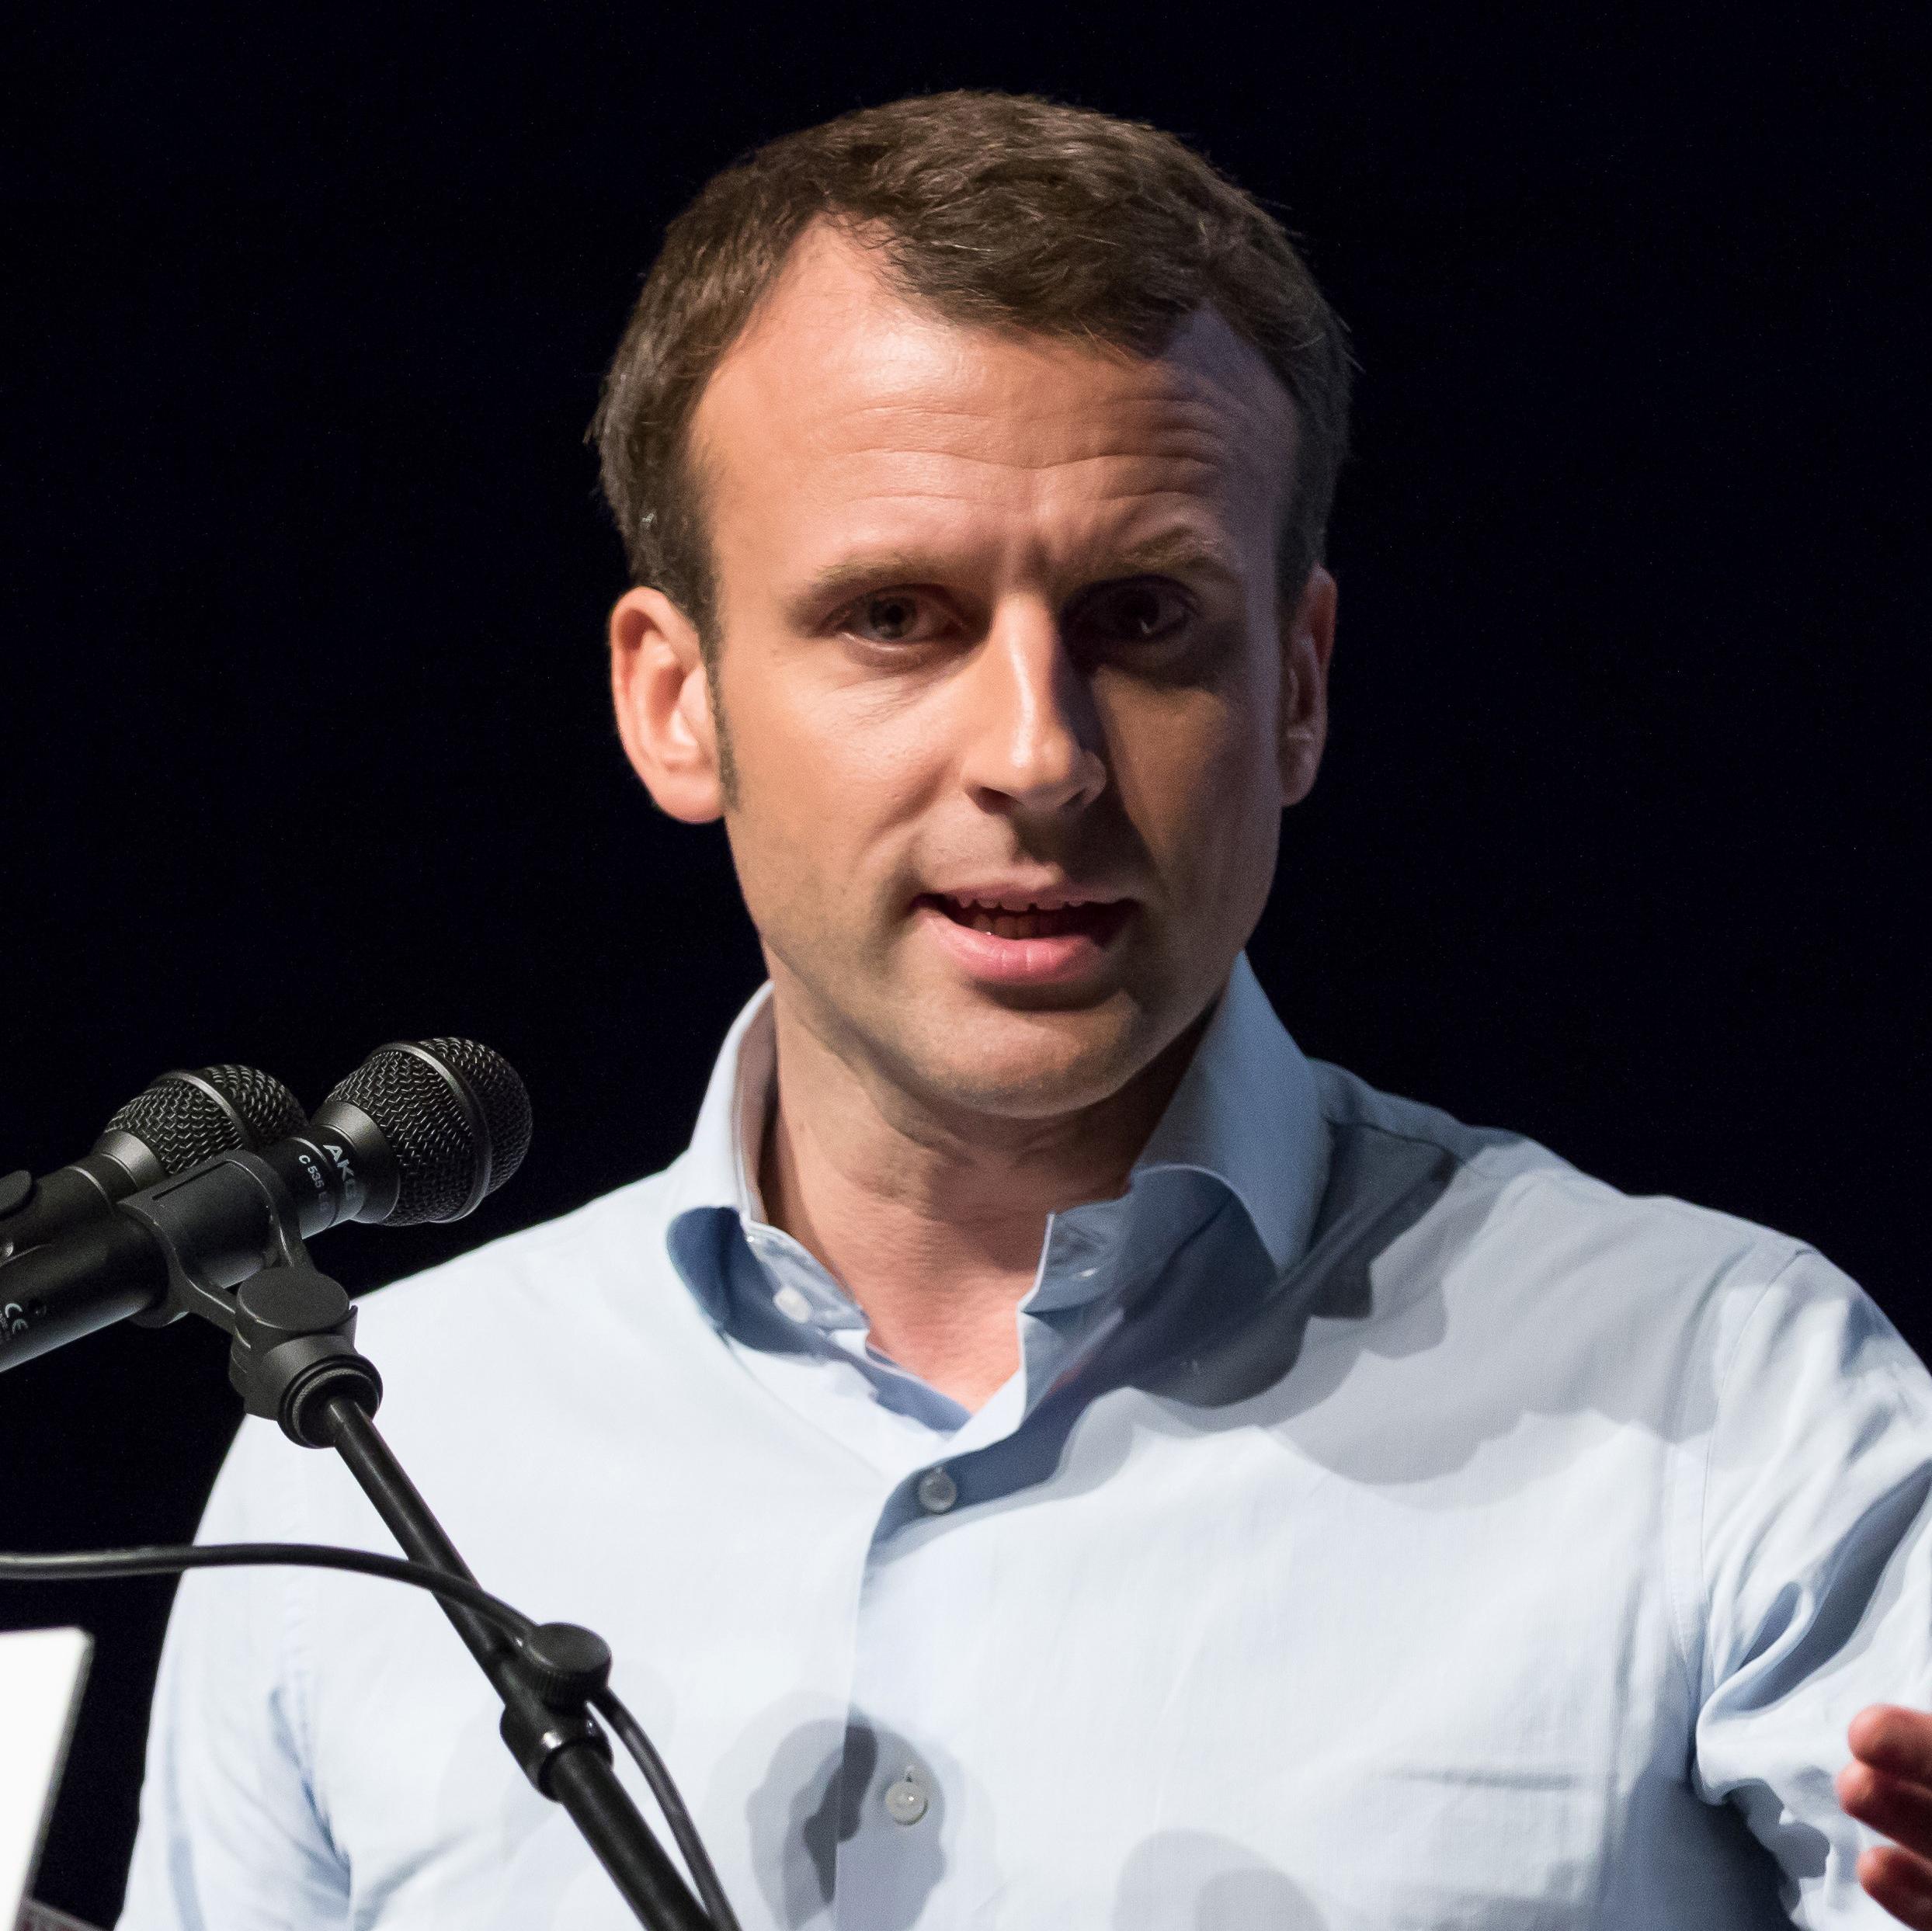 Emmanuel Macron - En Marche!